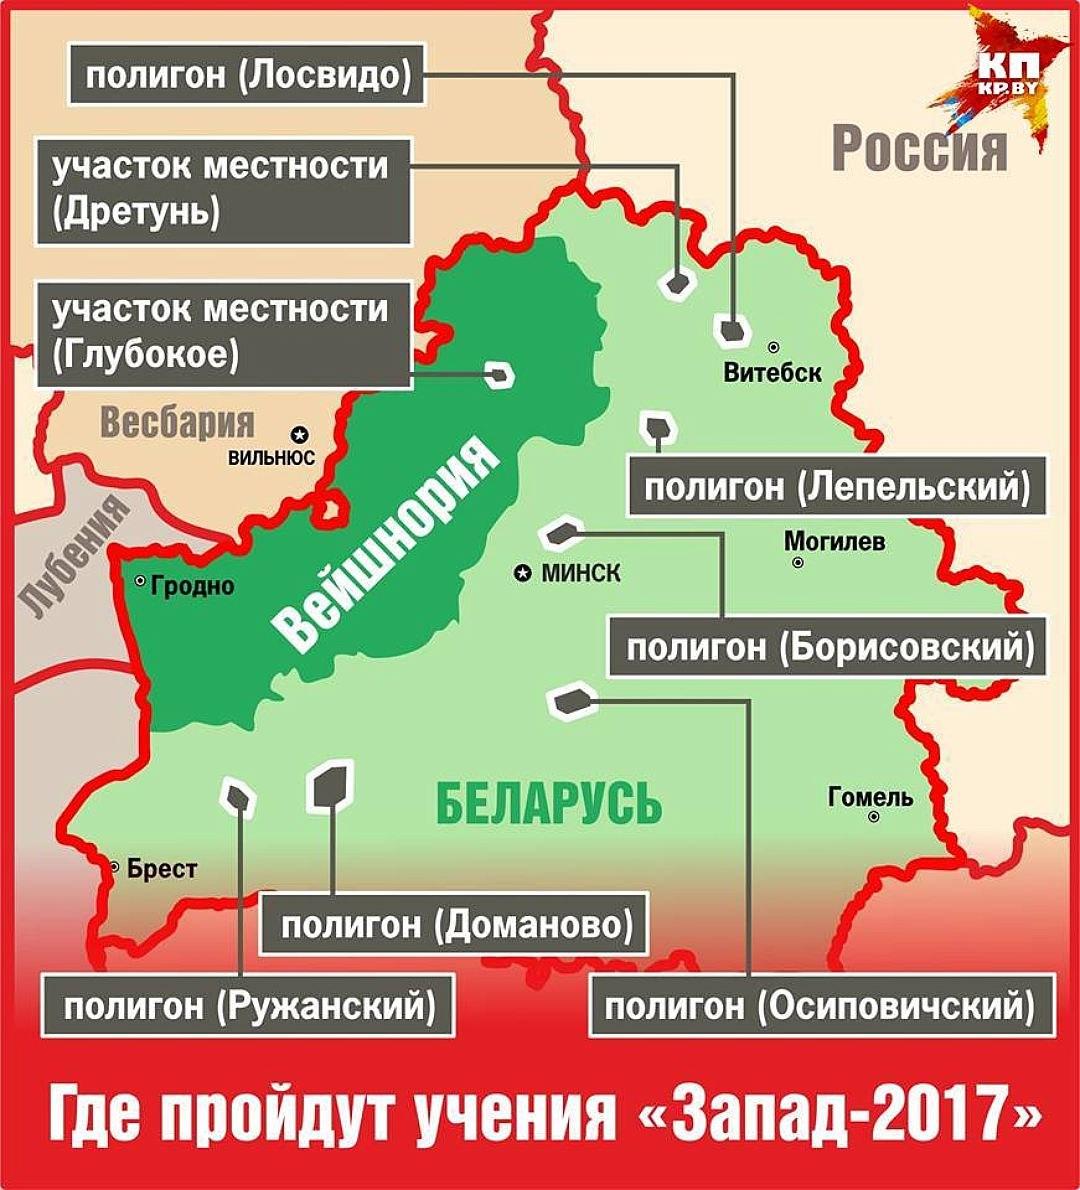 [BIZTPOL] Oroszország és a Szovjetunió utódállamai - Page 17 GYQaqHRuQ2g